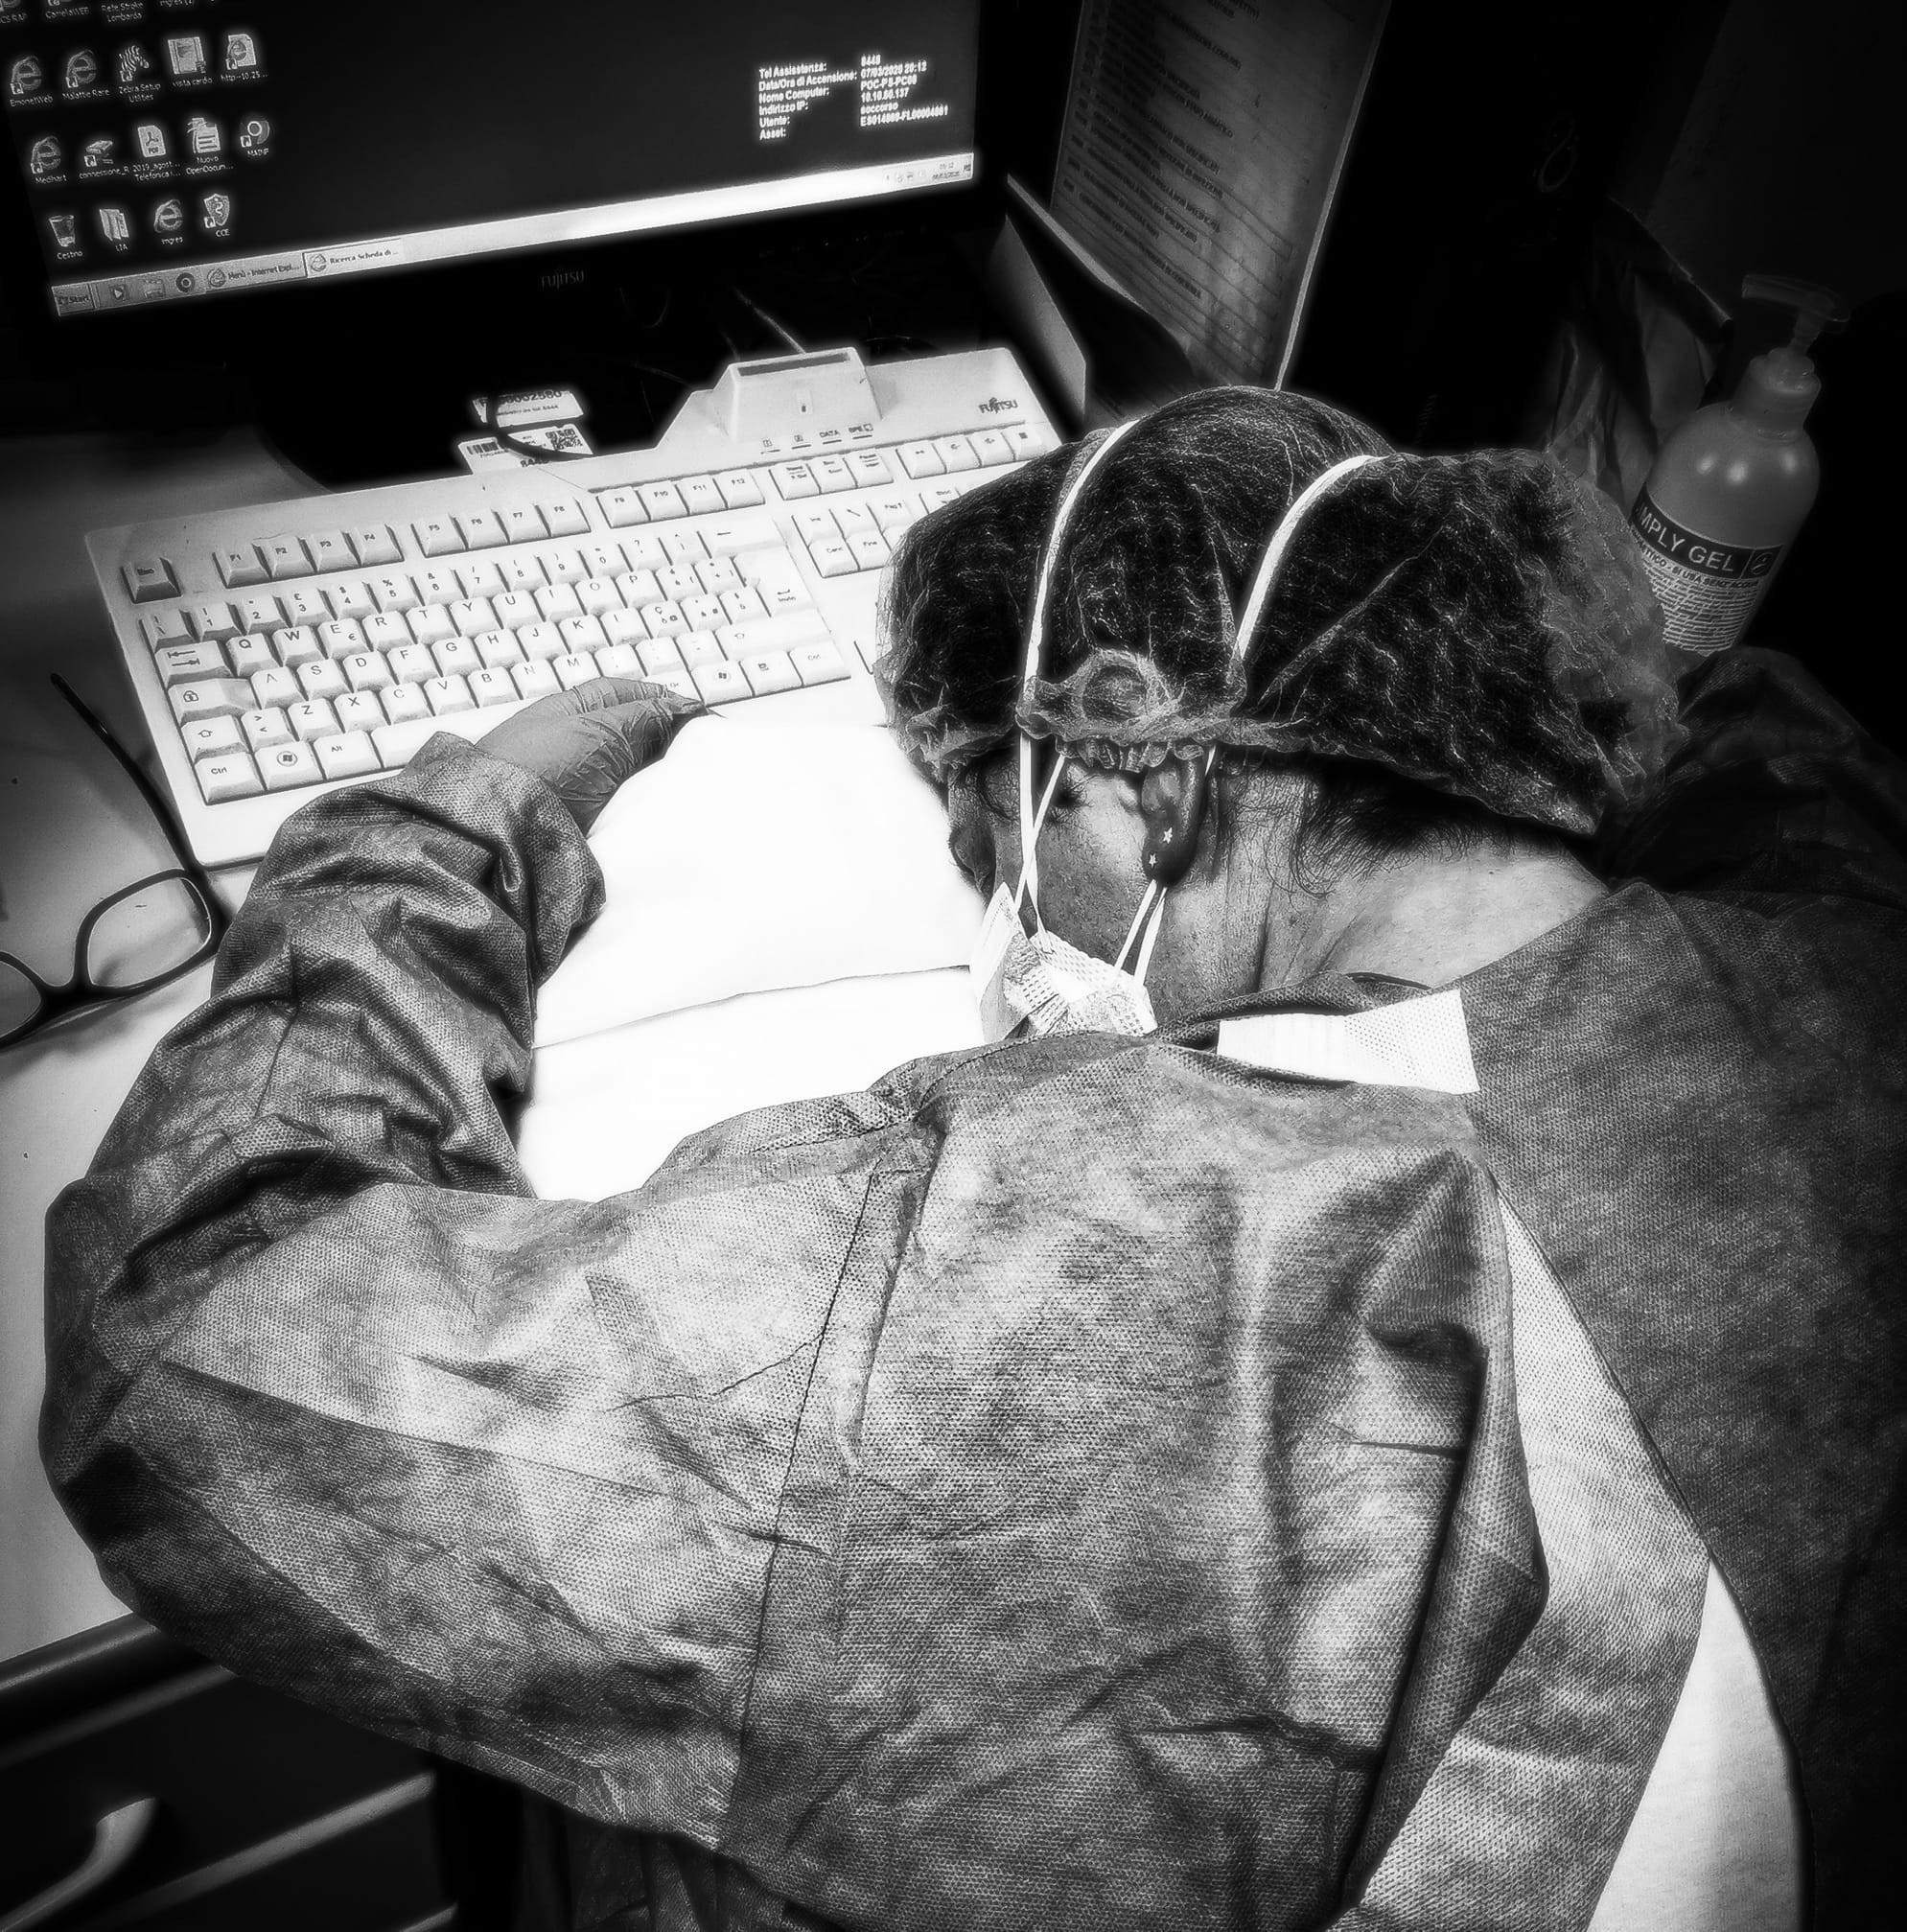 عکس Francesca Mangiatordi یک پرستار ایتالیایی که در حین جنگ با ویروس کرونا در هم شکسته است.